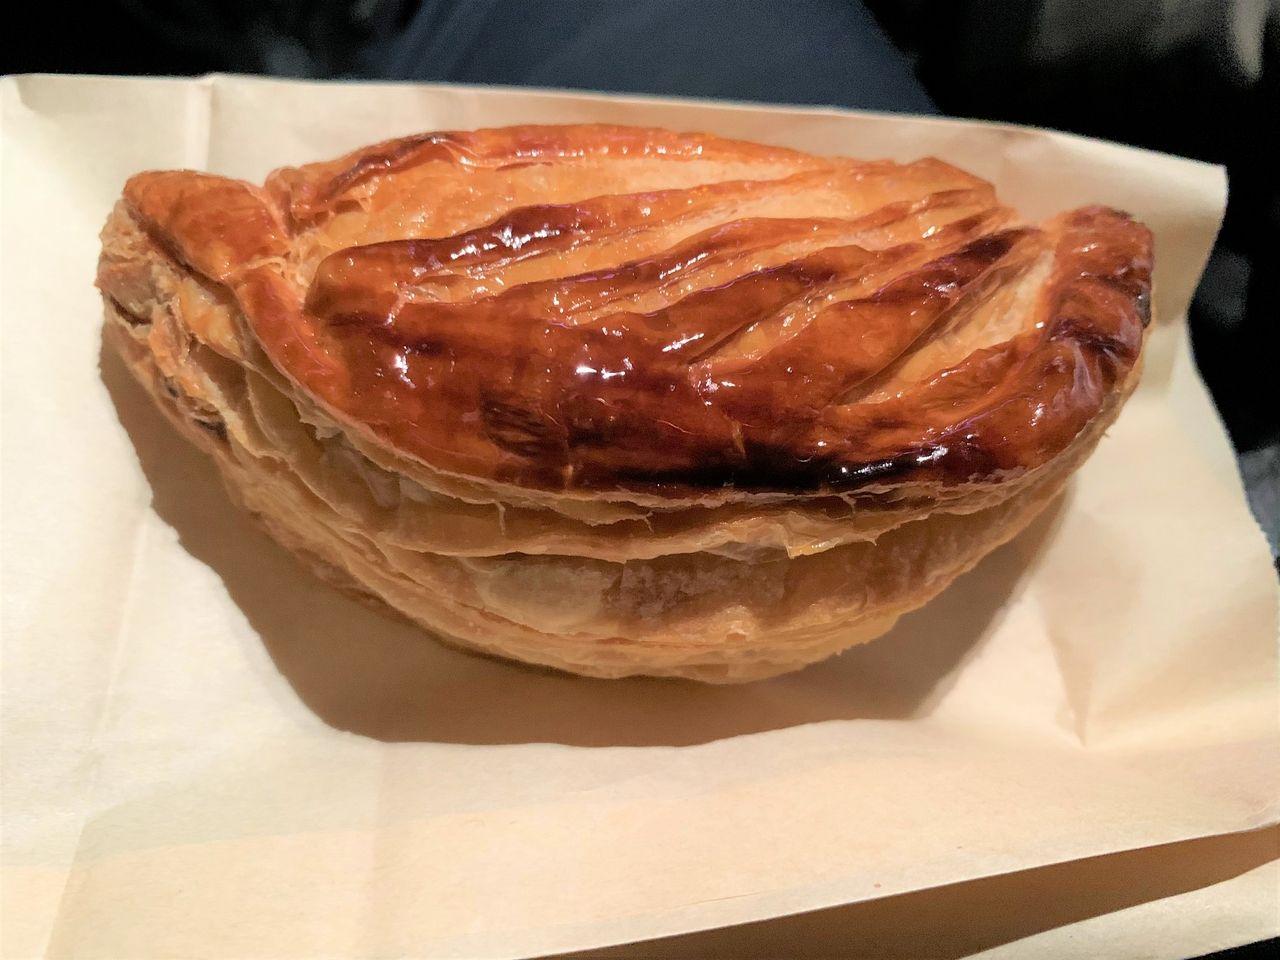 【三郷市食べ歩きブログ】三郷市幸房に「シャトレーゼ」がNEW OPENしました!